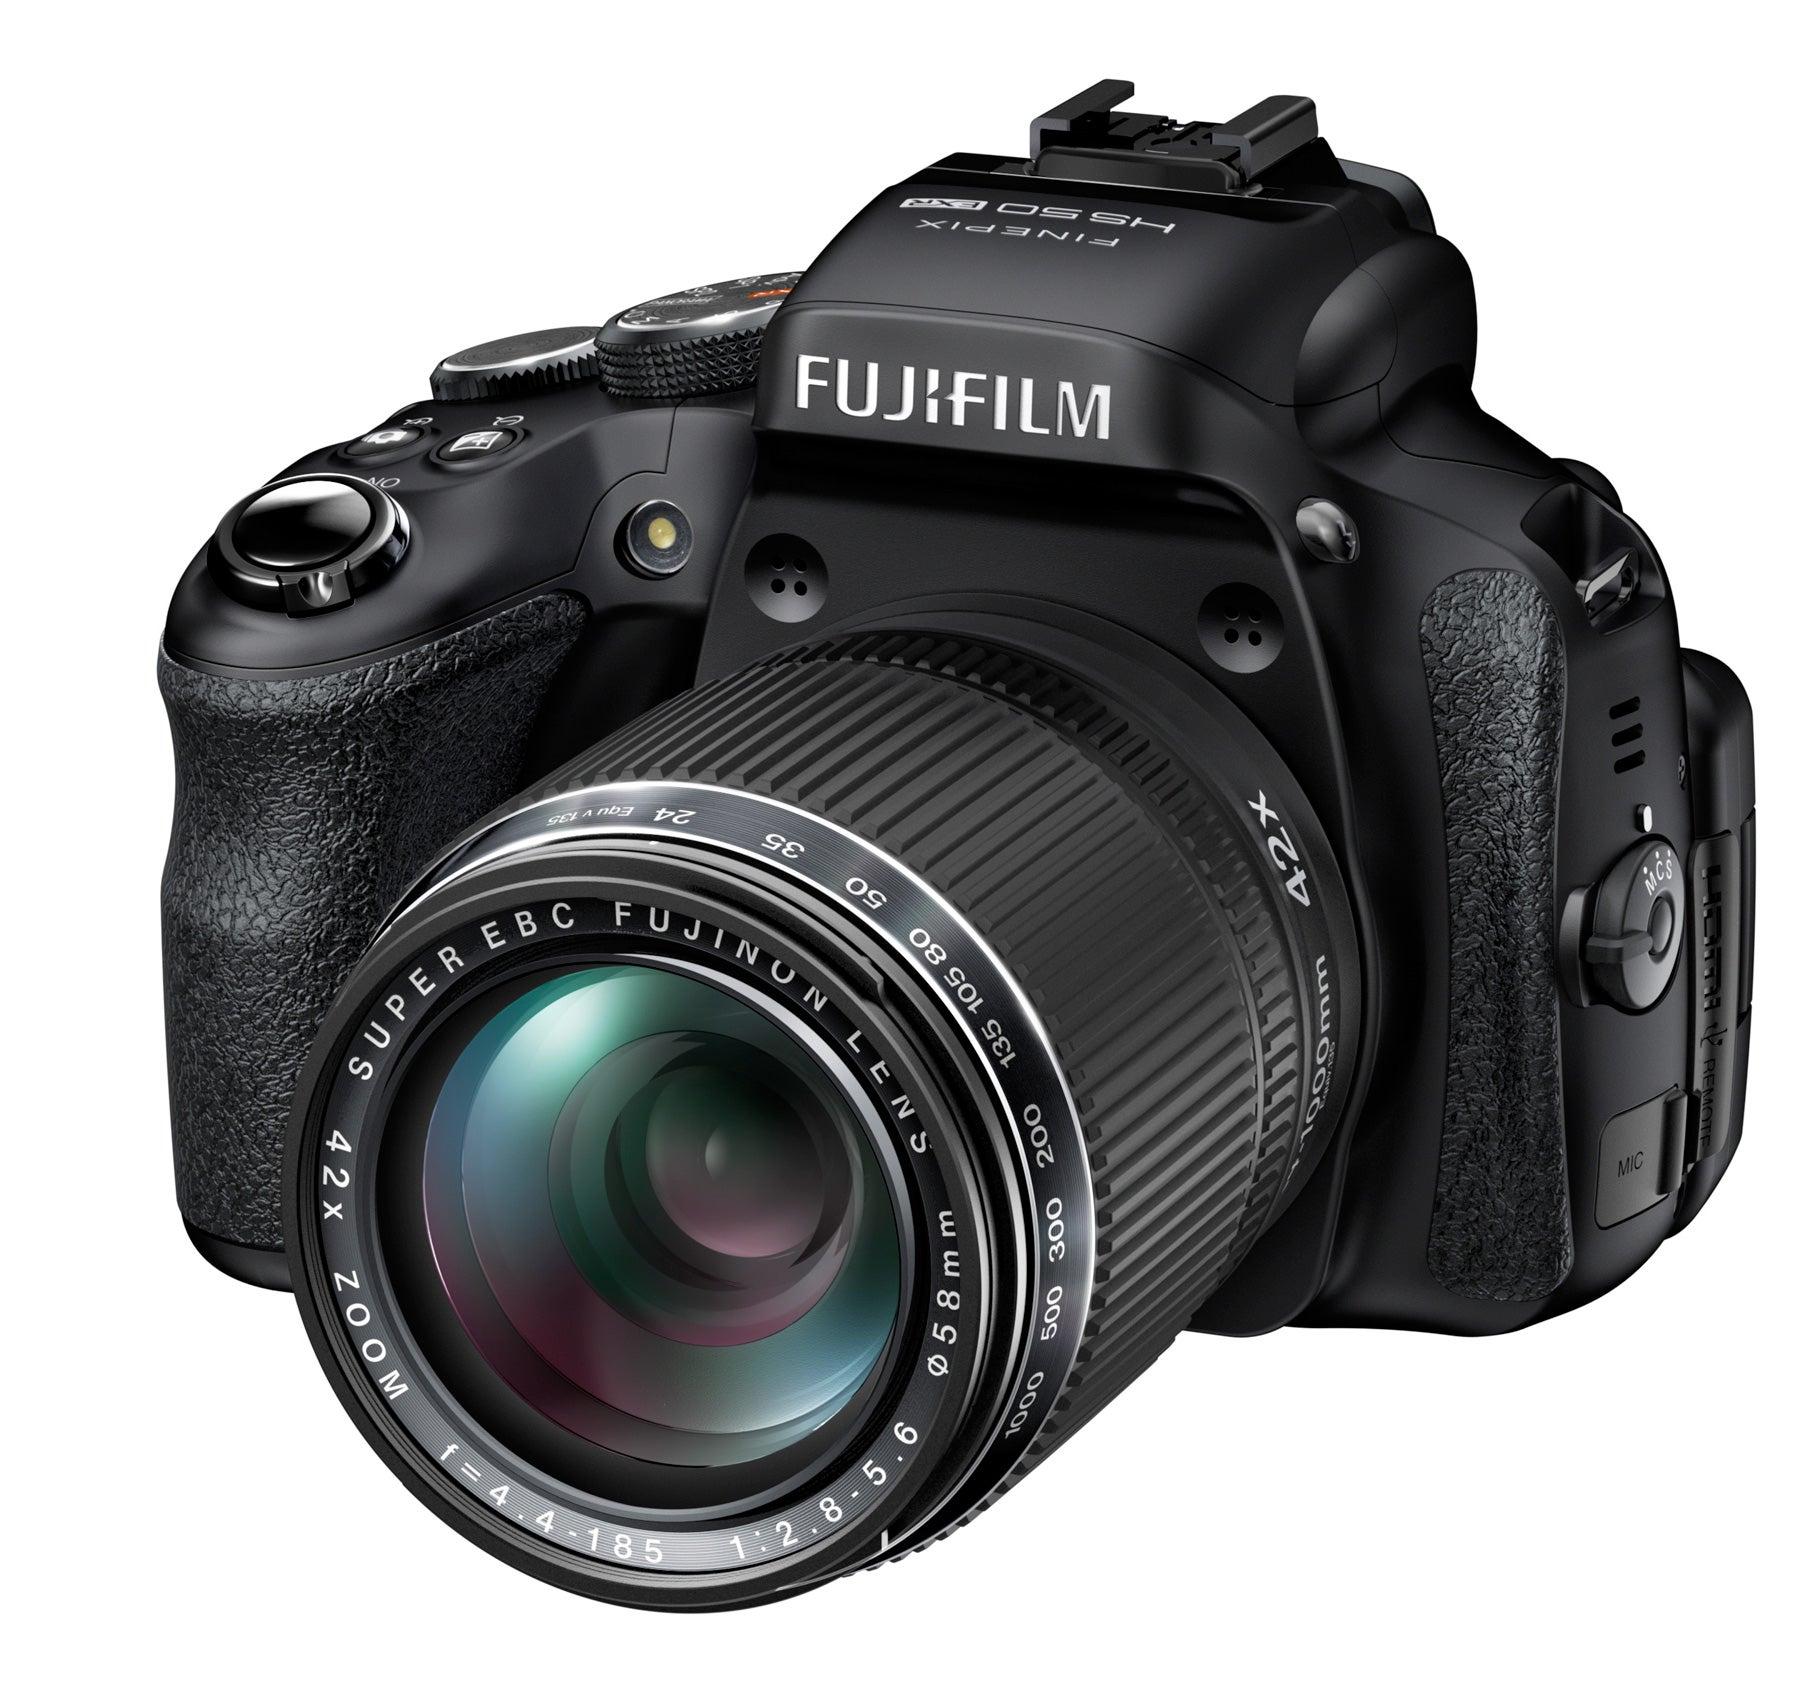 Camera Best Deal For Dslr Camera dslr deals best digital slr camera reviews bridge of 2015 what camera